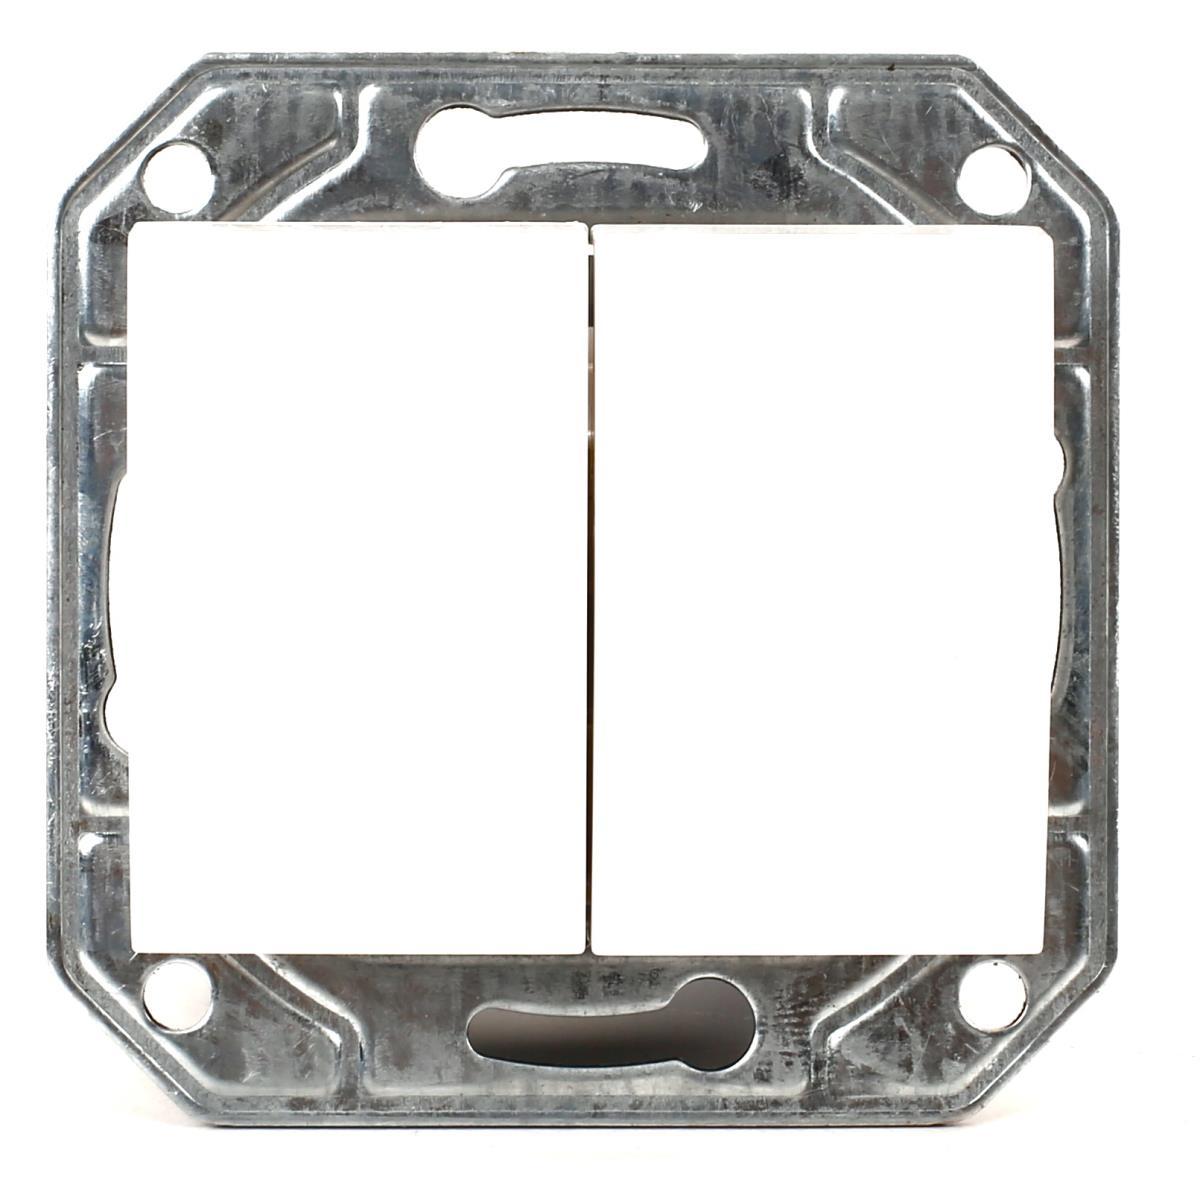 Doppel zweifach Lichtschalter Serienschalter Unterputz weiß Serie TAILI,Vagner SDH,TL1104, 4770364043888